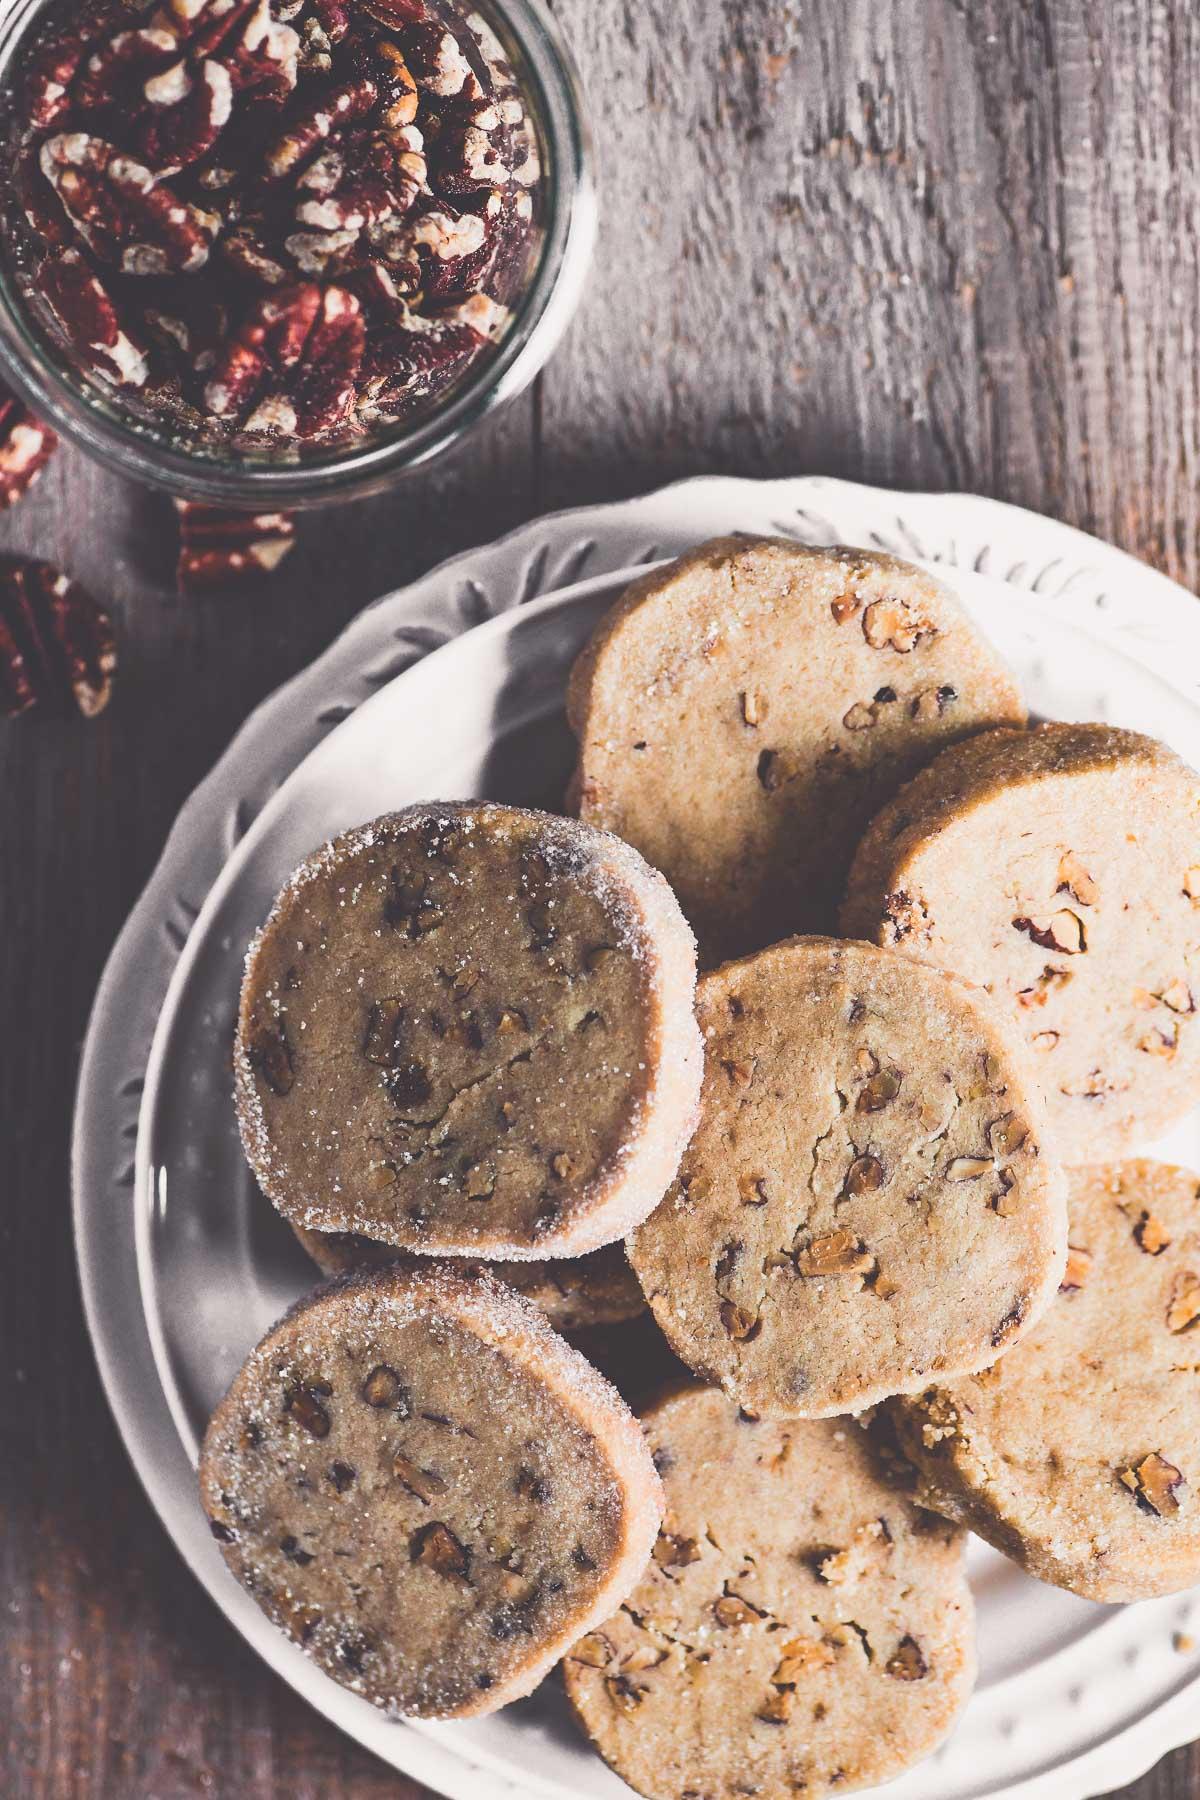 pecan sandies on a plate